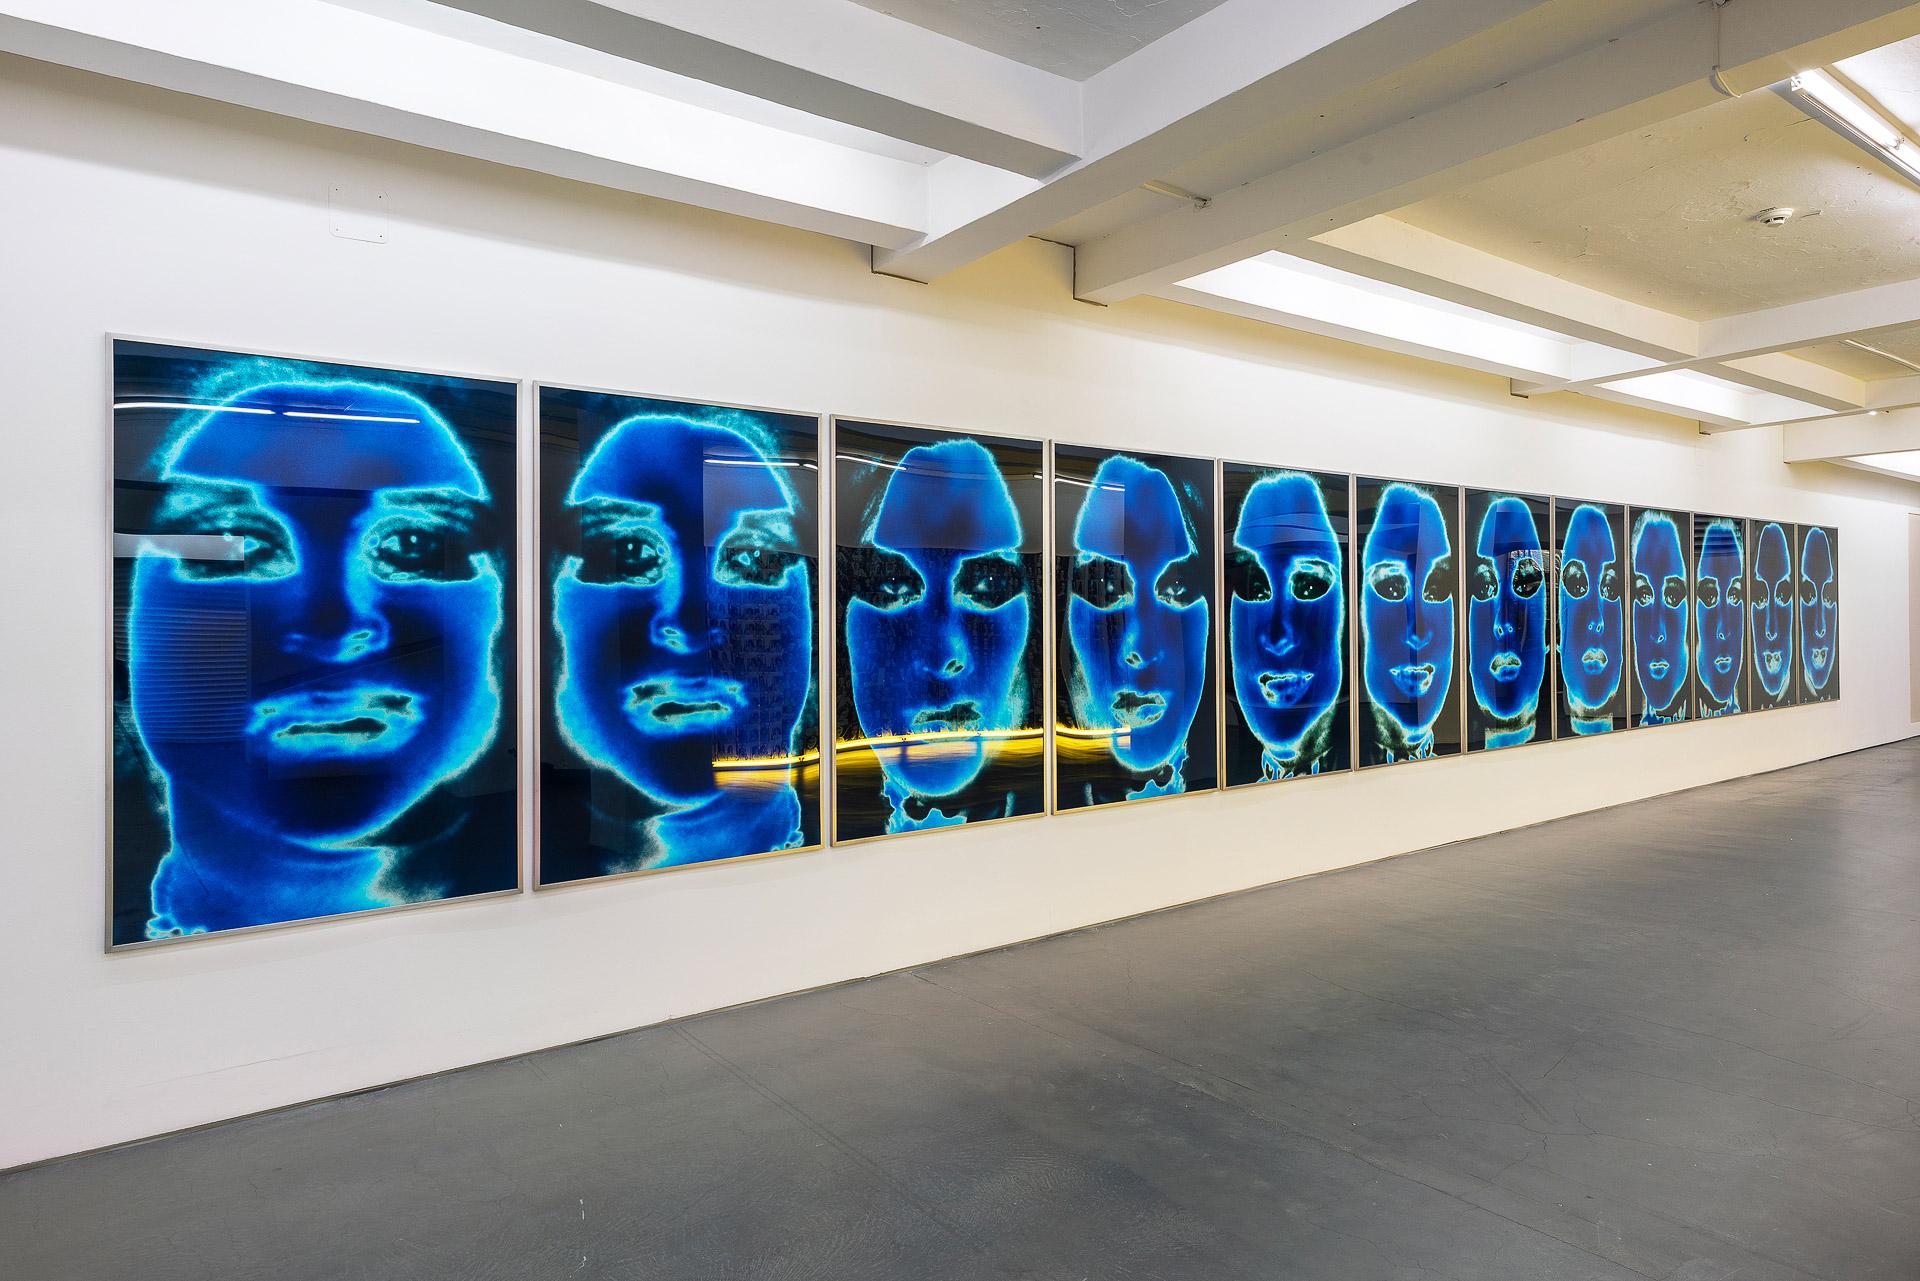 """Katharina Sieverding: """"Transformer Solidarisation 1-6 A/B 1973-74"""". Installationsansicht der Ausstellung: """"Katharina Sieverding. Fotografien, Projektionen, Installationen. 2020-1966""""."""